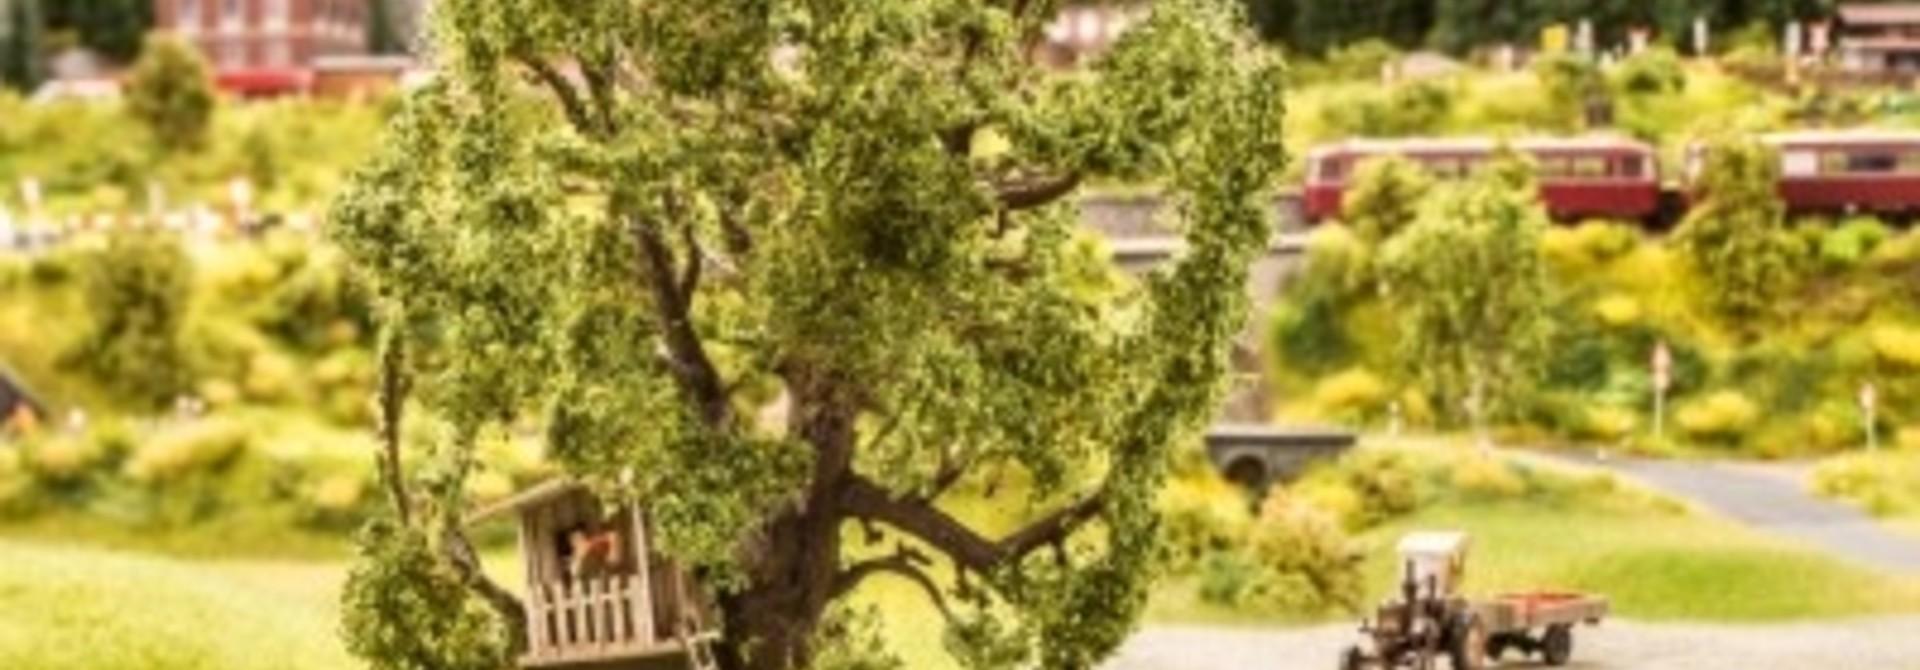 21765  Baum mit Baumhaus